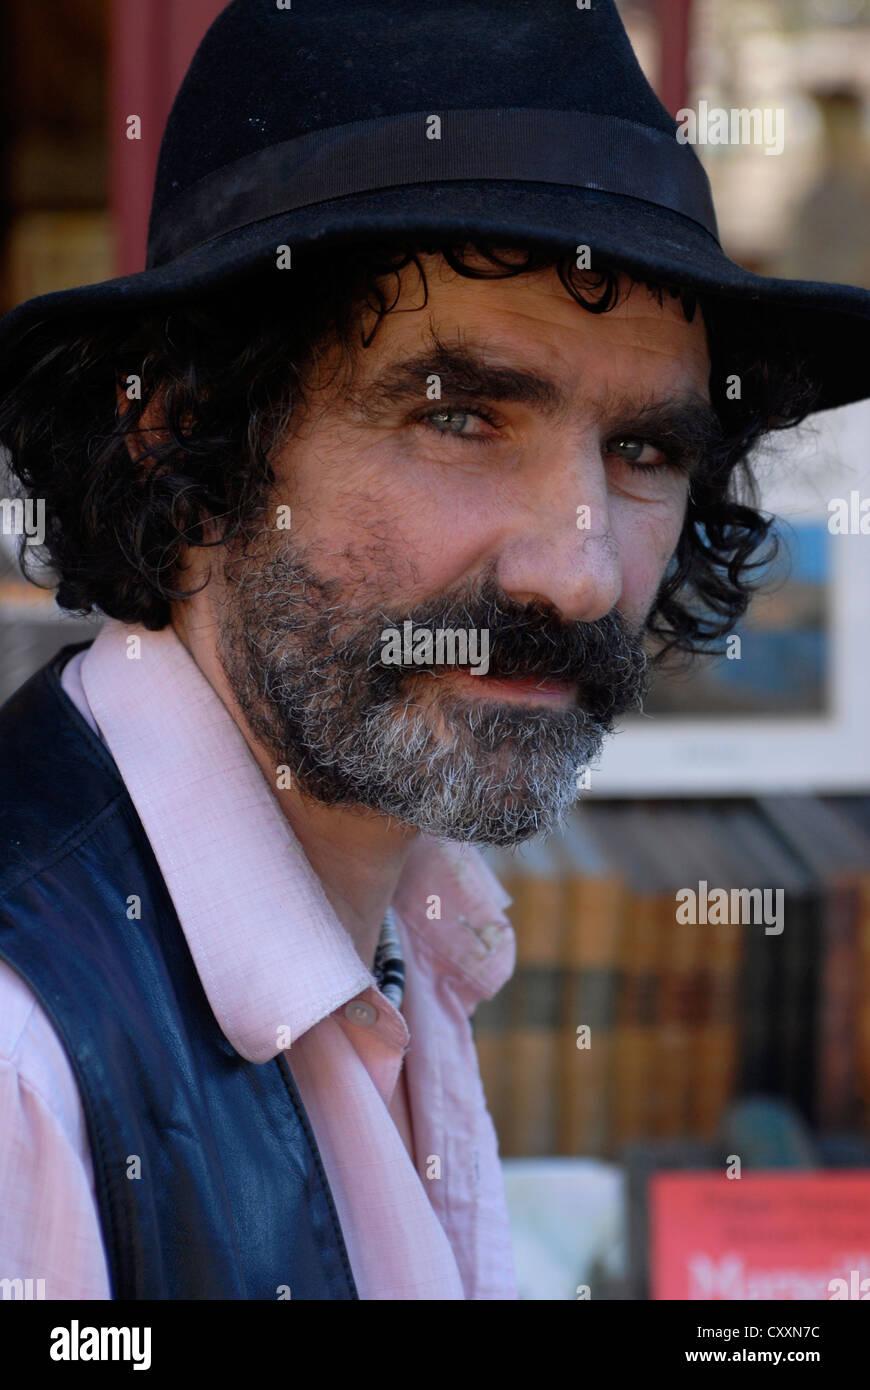 Man moustache, Hat, Librairie Par Chemins, Cours Julien Bookshop, Marseille, Provence Alpes Cote d Azur, France, Stock Photo